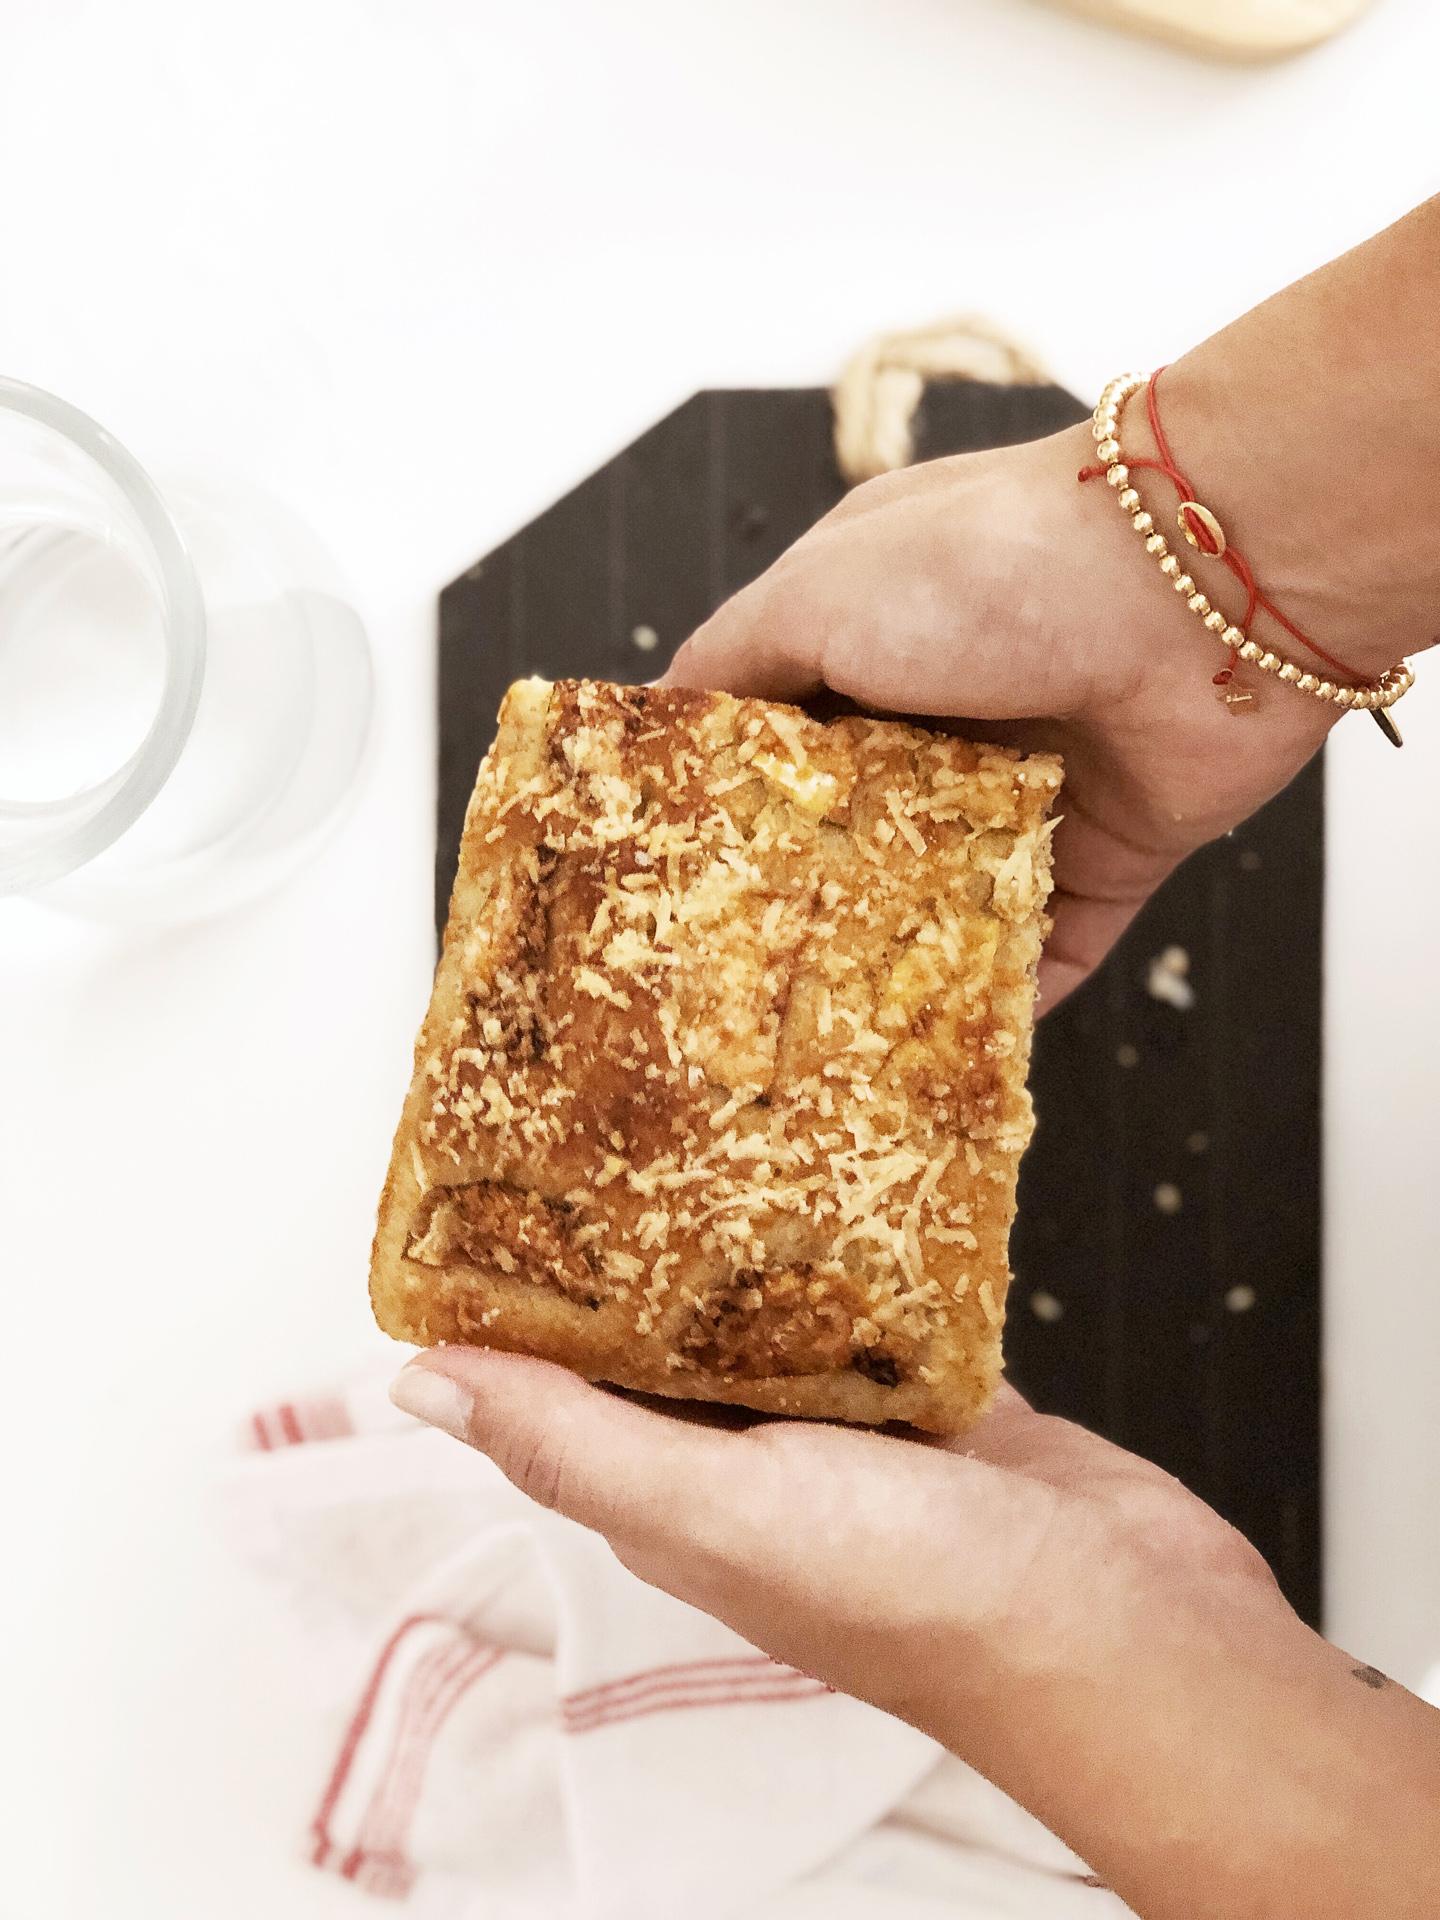 lolla p%C3%A3o bread lover julho 2019 - For Bread Lovers: Como Fazer o Pão Ficar Crocante e Molinho de Novo